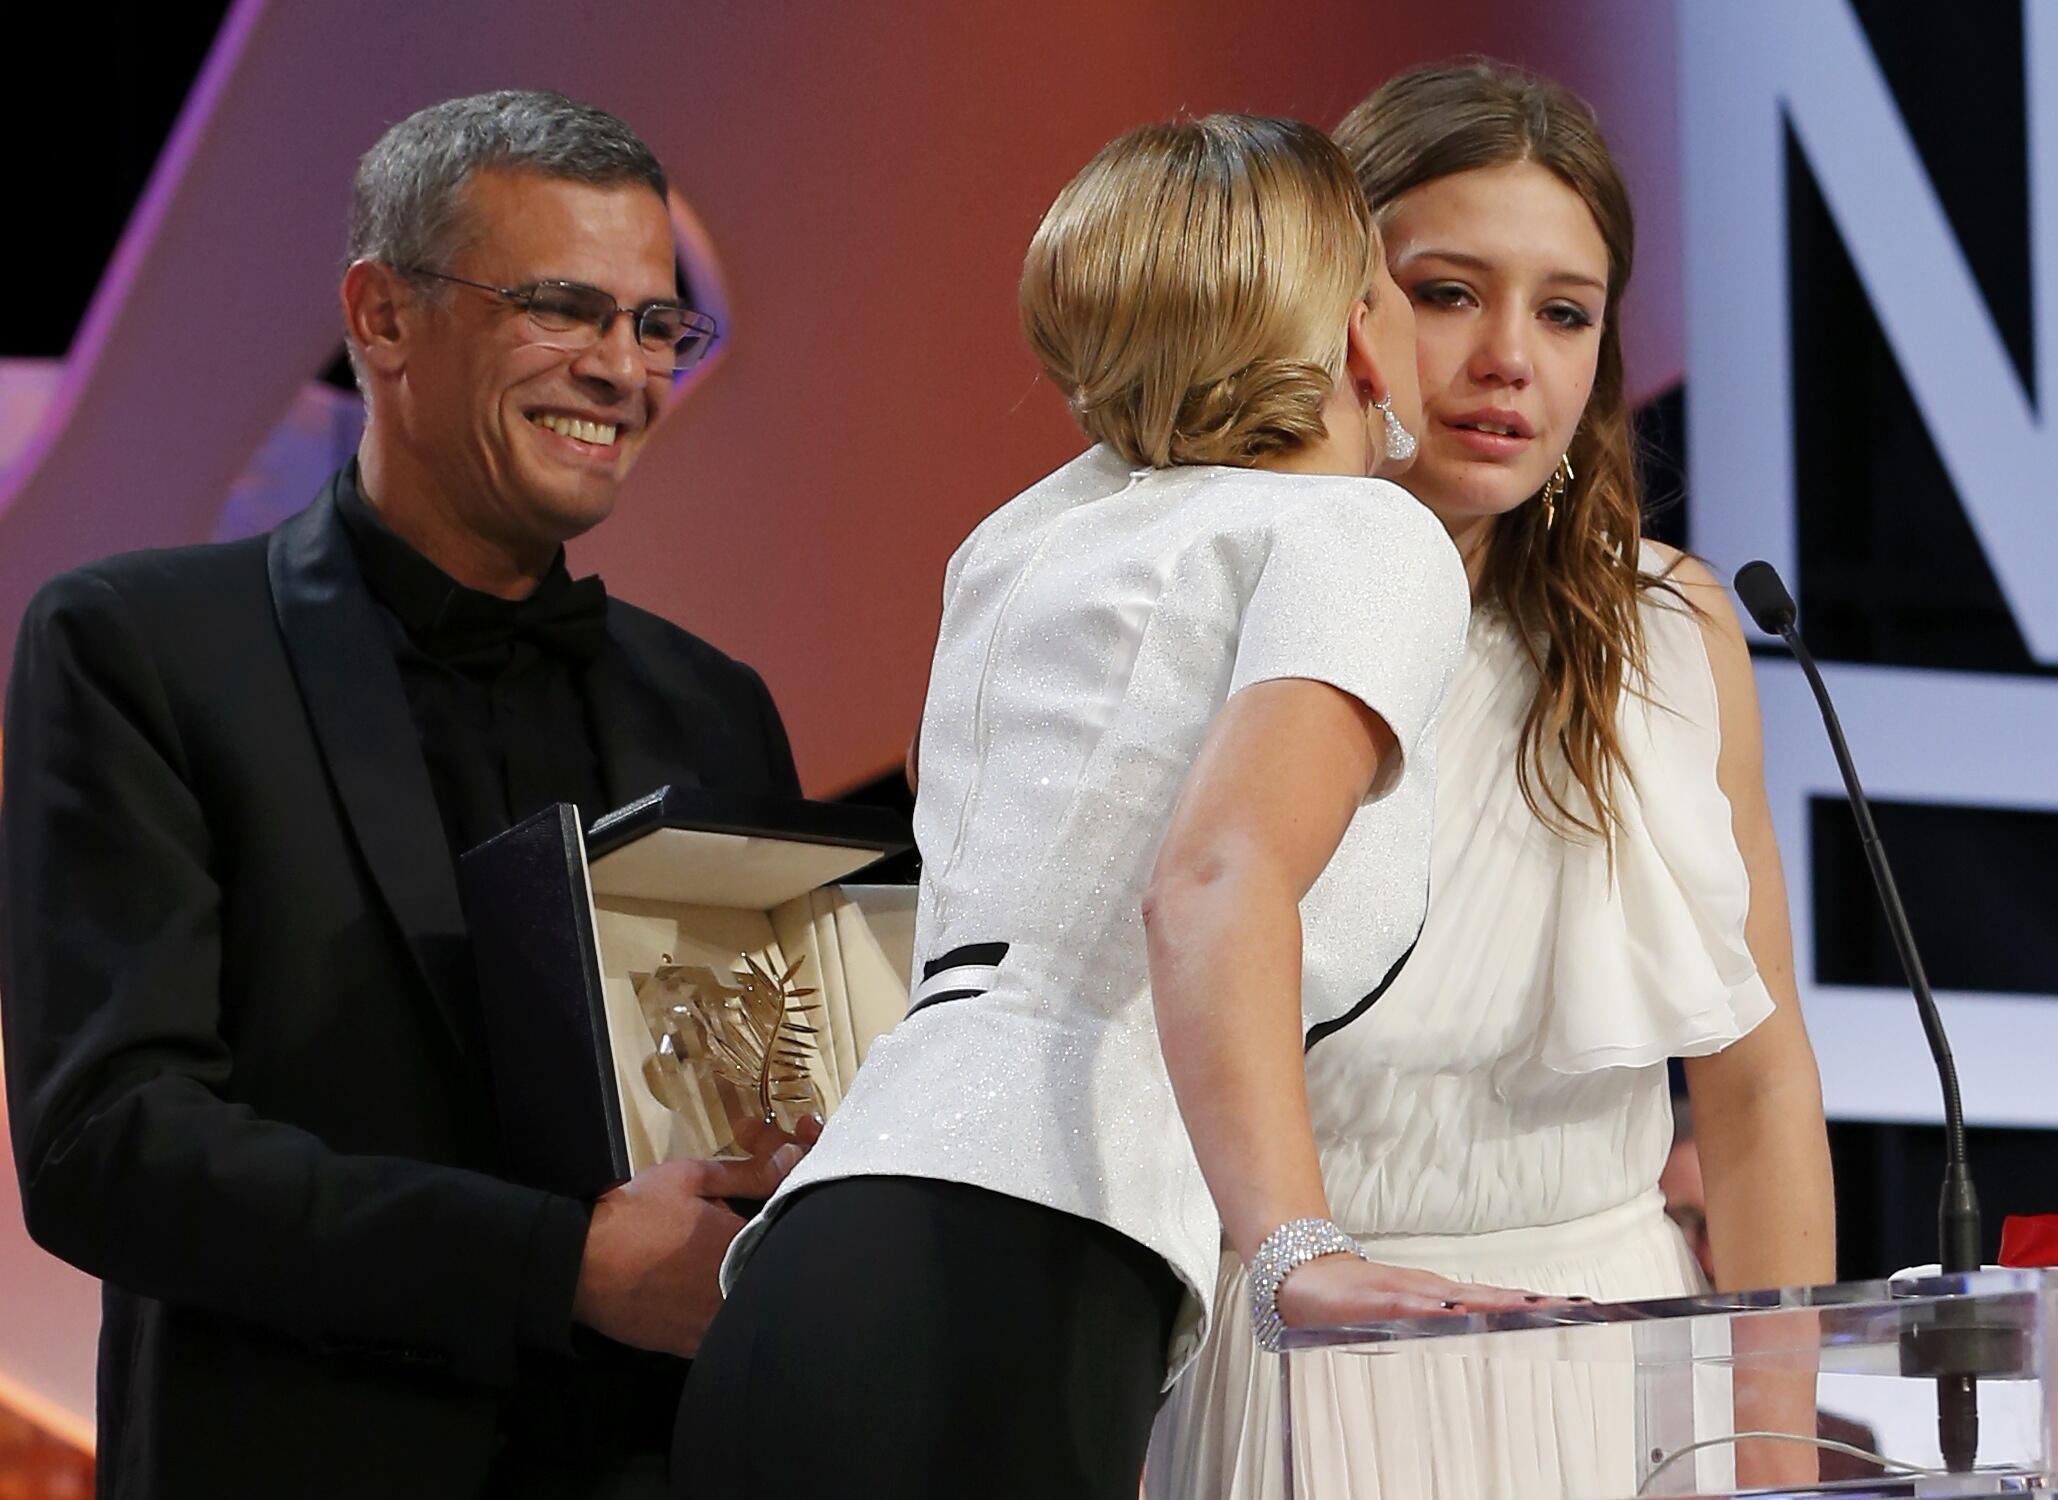 Happy Days - Abdellatif Kechiche, Léa Seydoux et Adèle Exarchopoulos receive the golden palm at Cannes